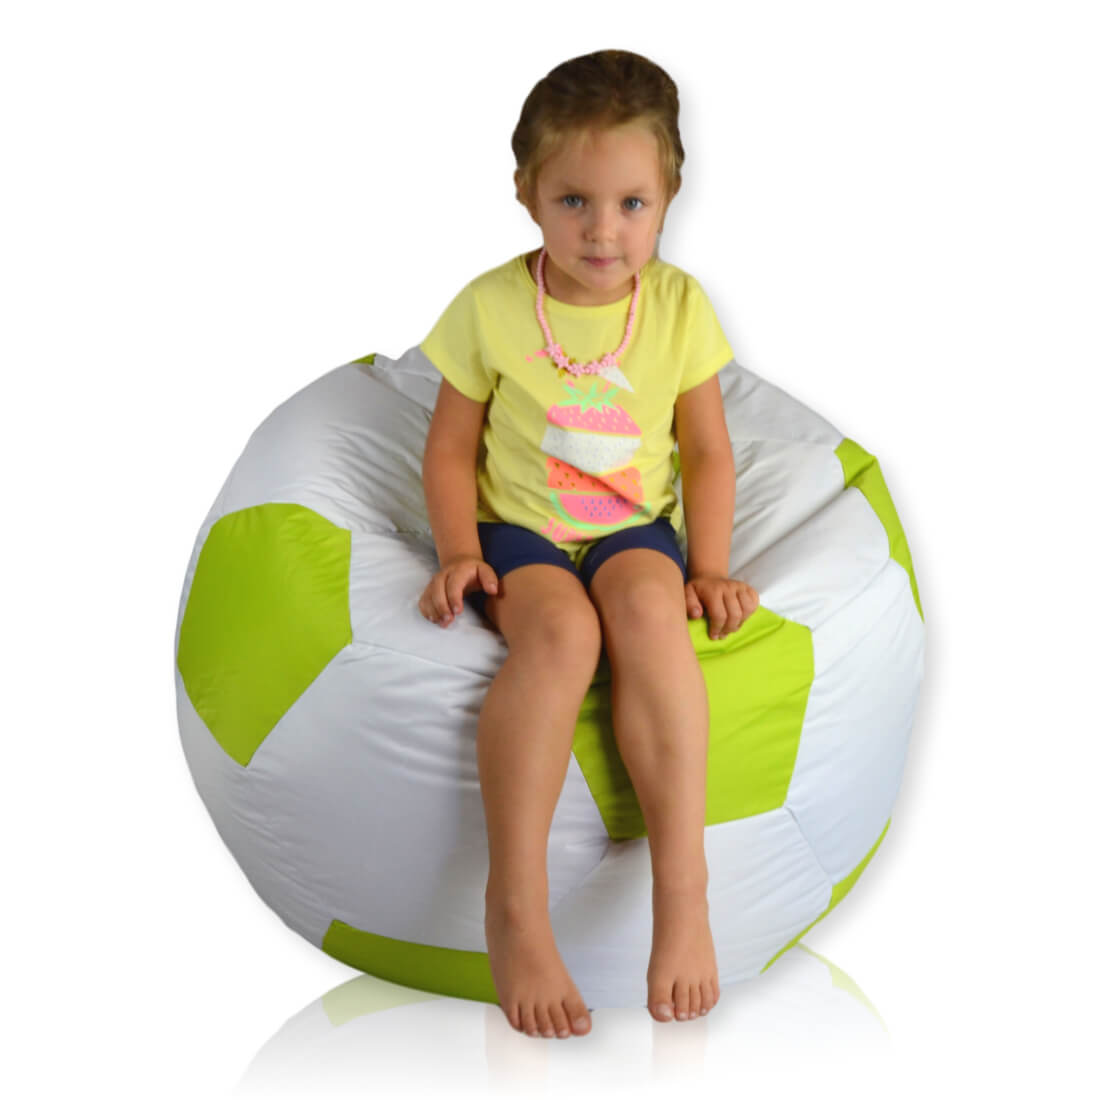 Fotbalový míč velký nylon limo